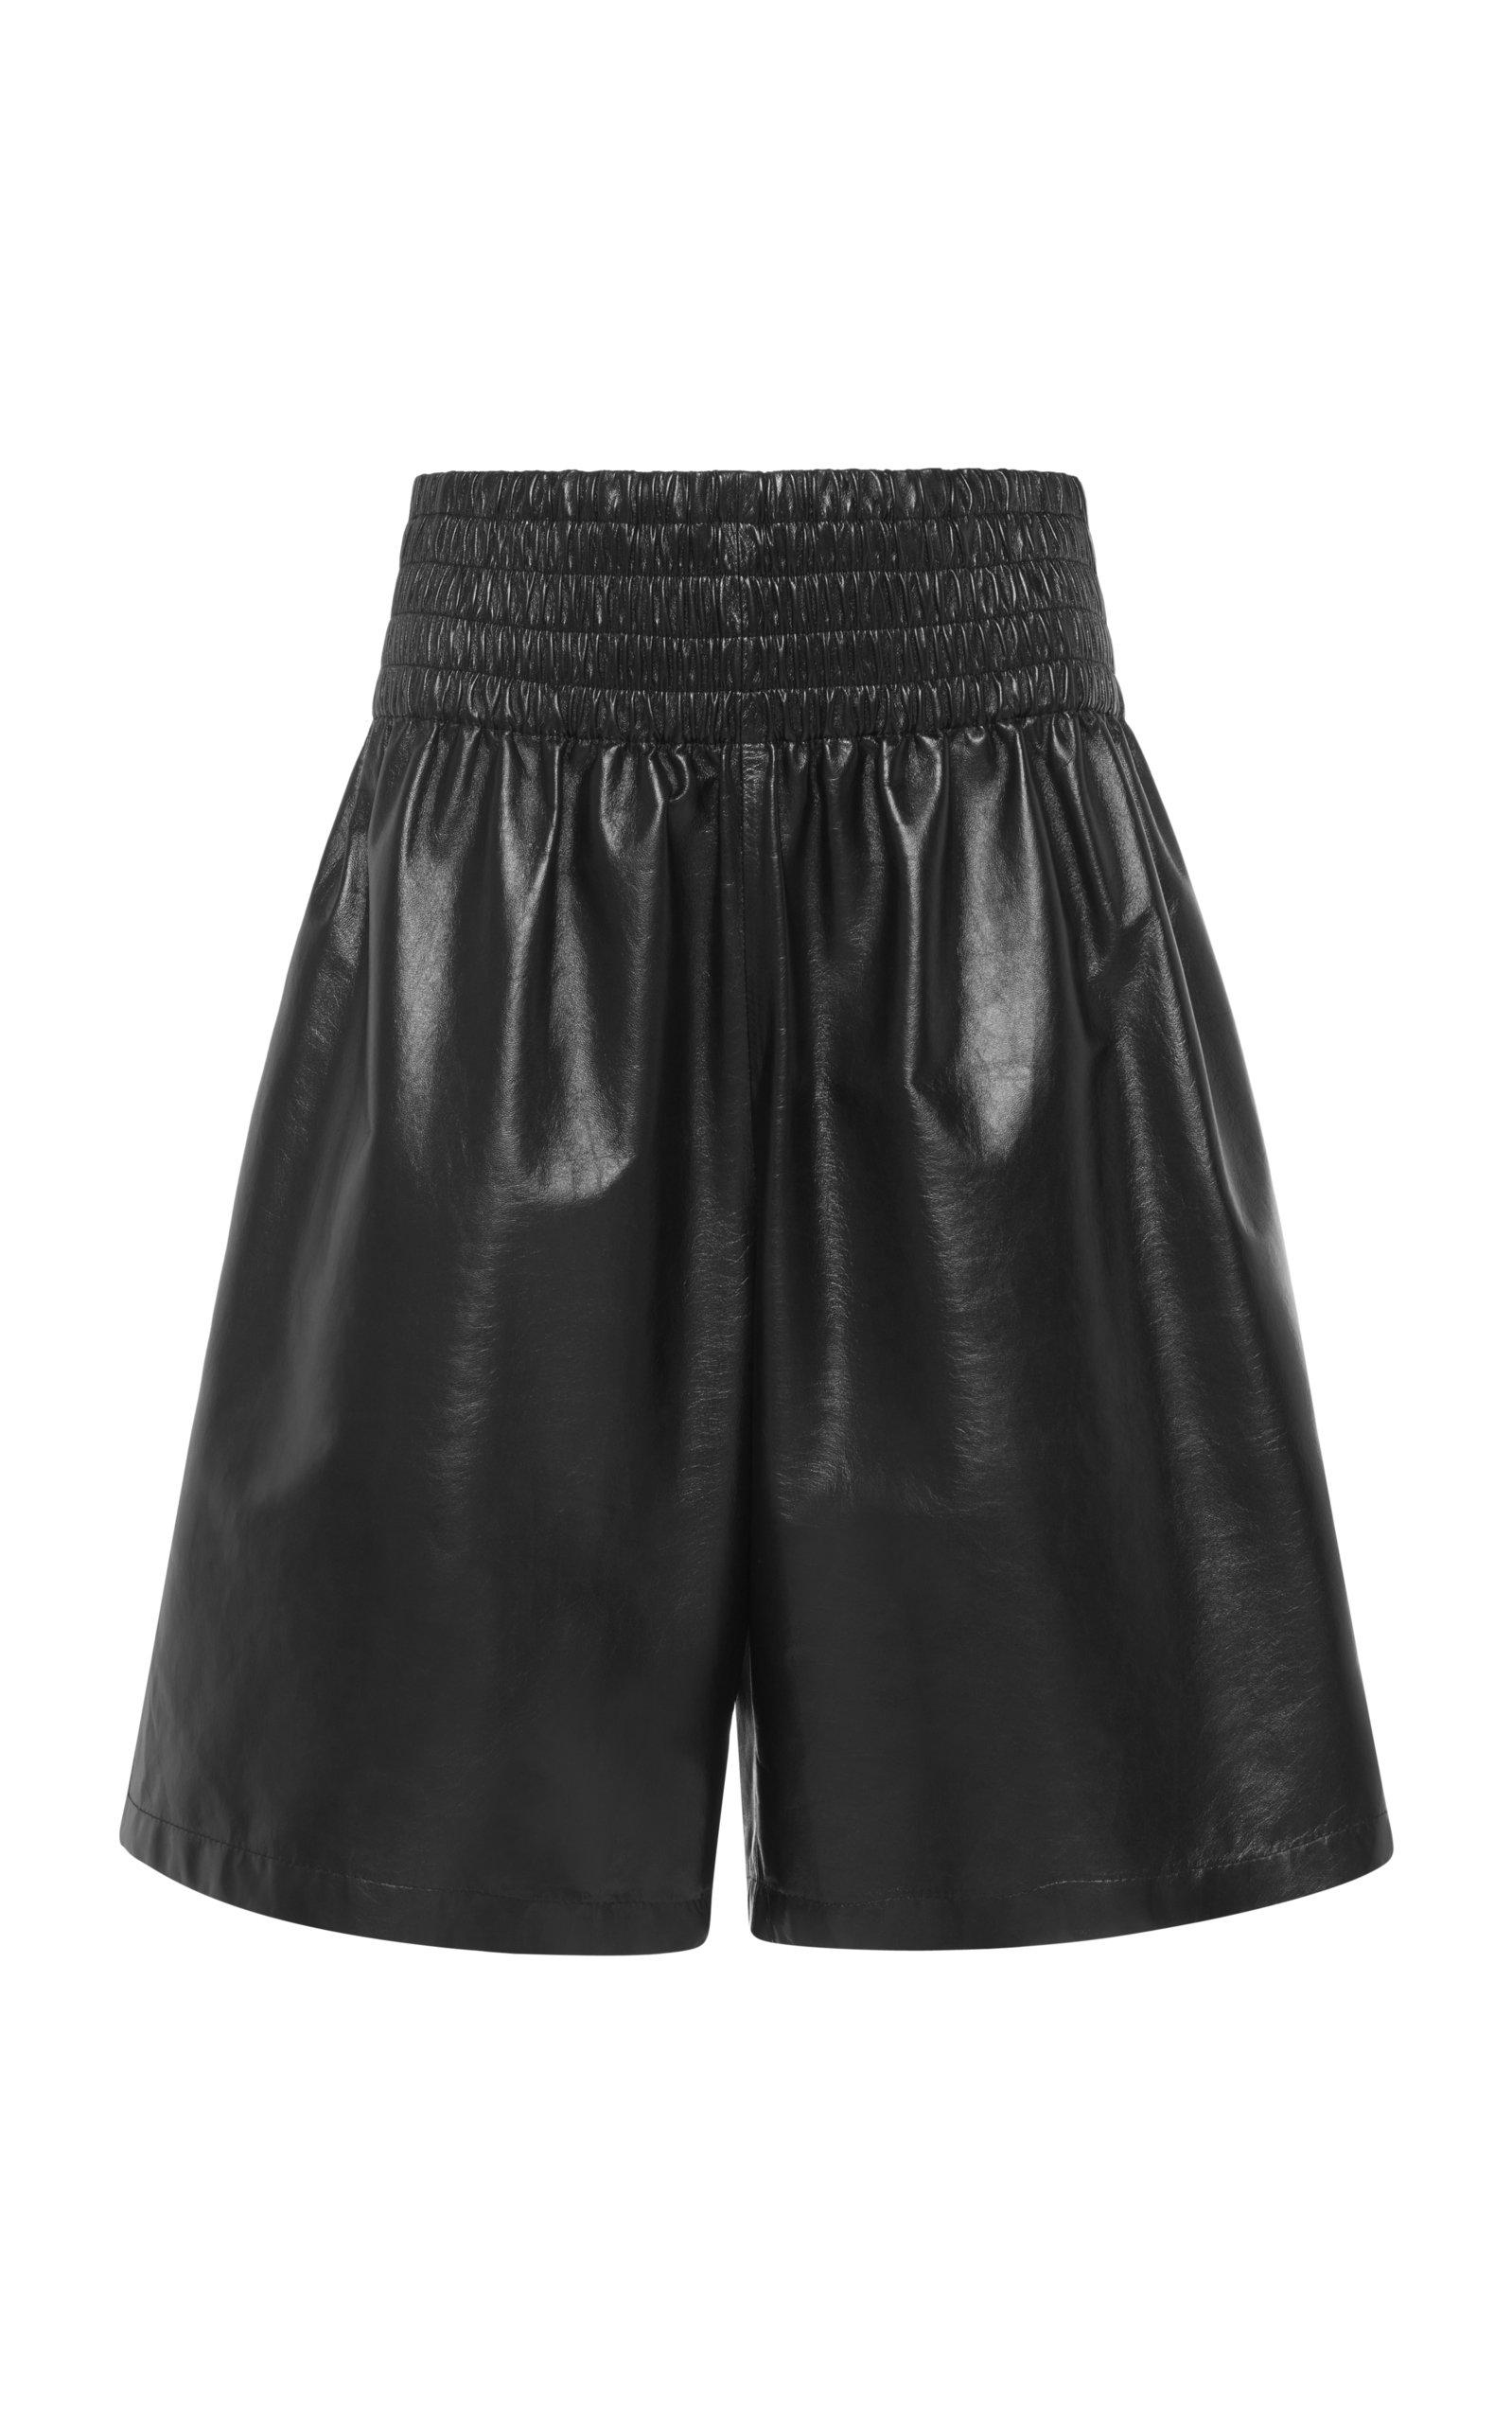 Bottega Veneta – Women's Leather Shorts – Black/yellow – Moda Operandi